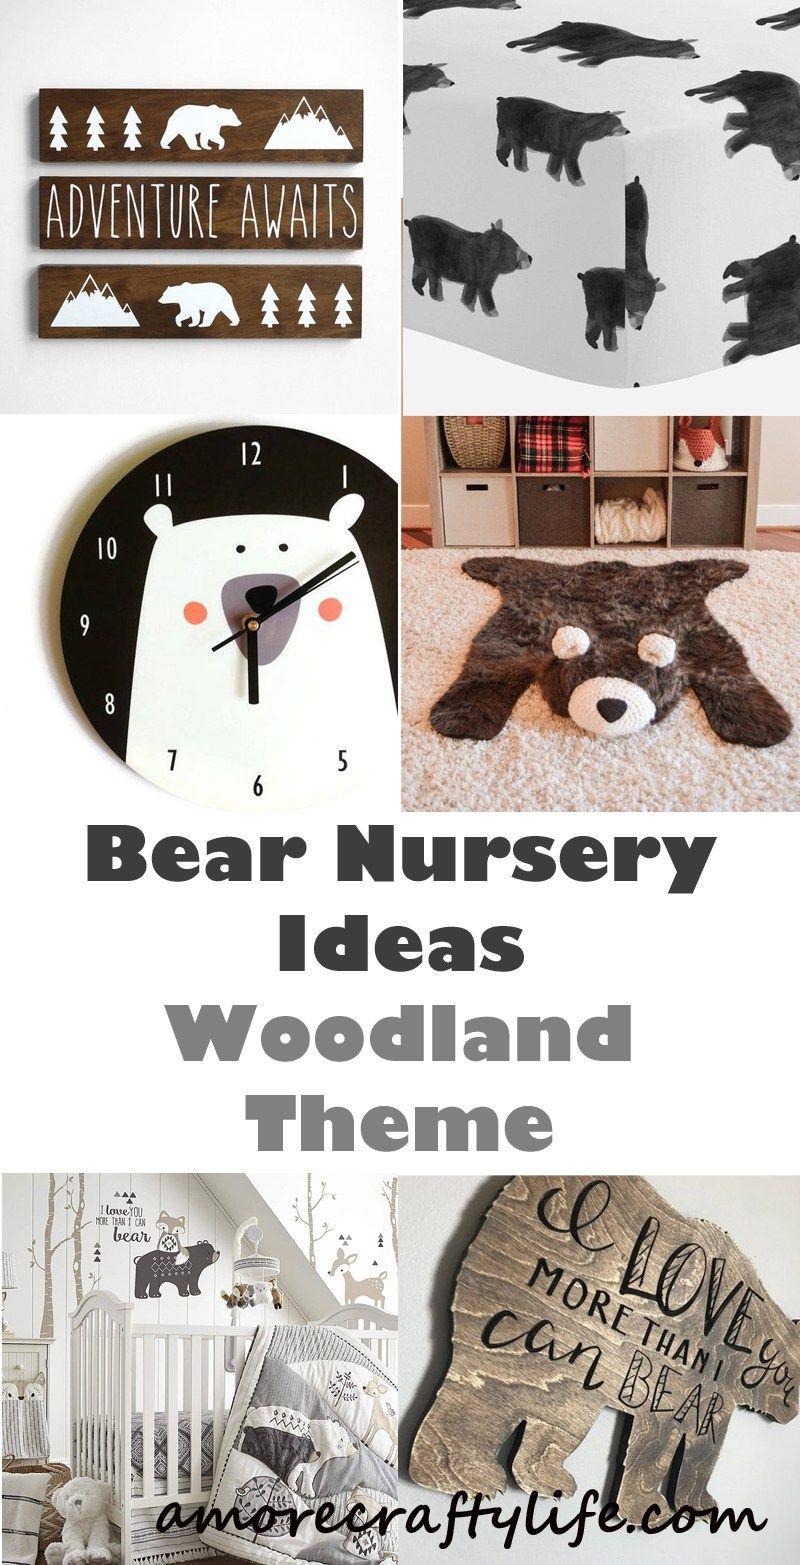 woodland theme decor ideas get the look at home.htm bear nursery ideas     woodland theme  with images  woodland  bear nursery ideas     woodland theme